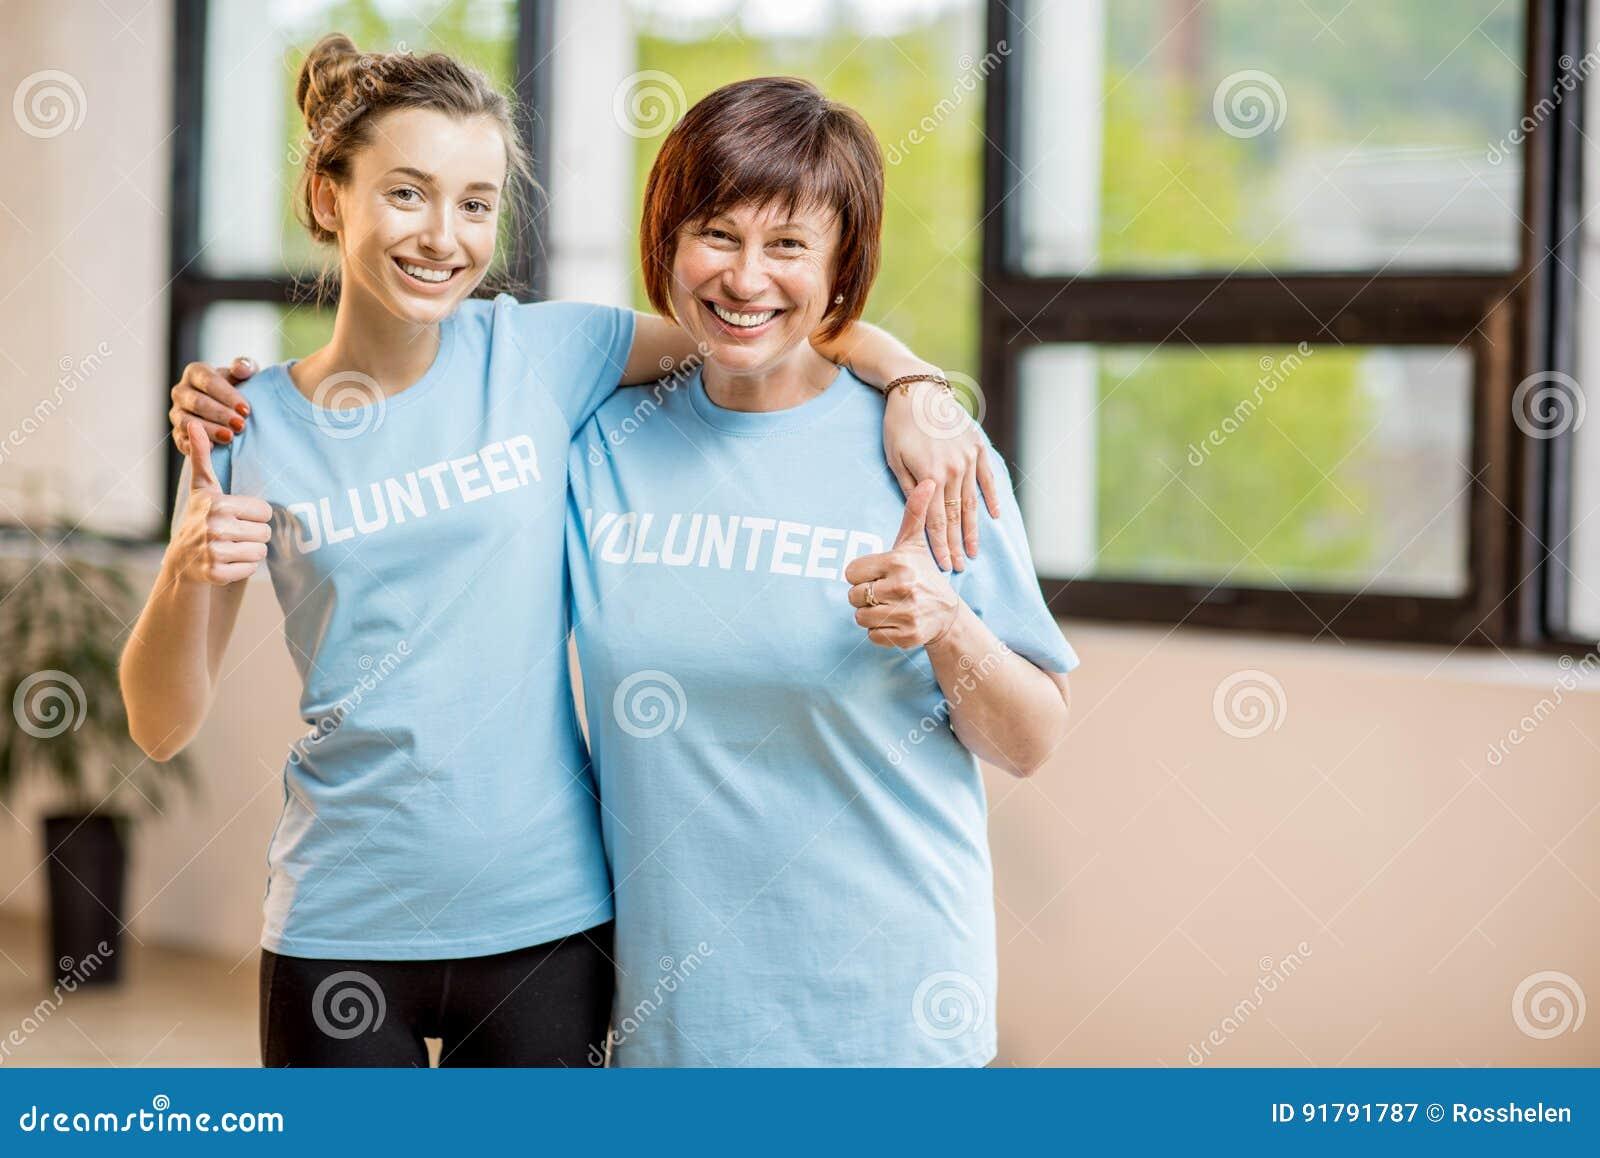 Voluntários novos e mais idosos dentro